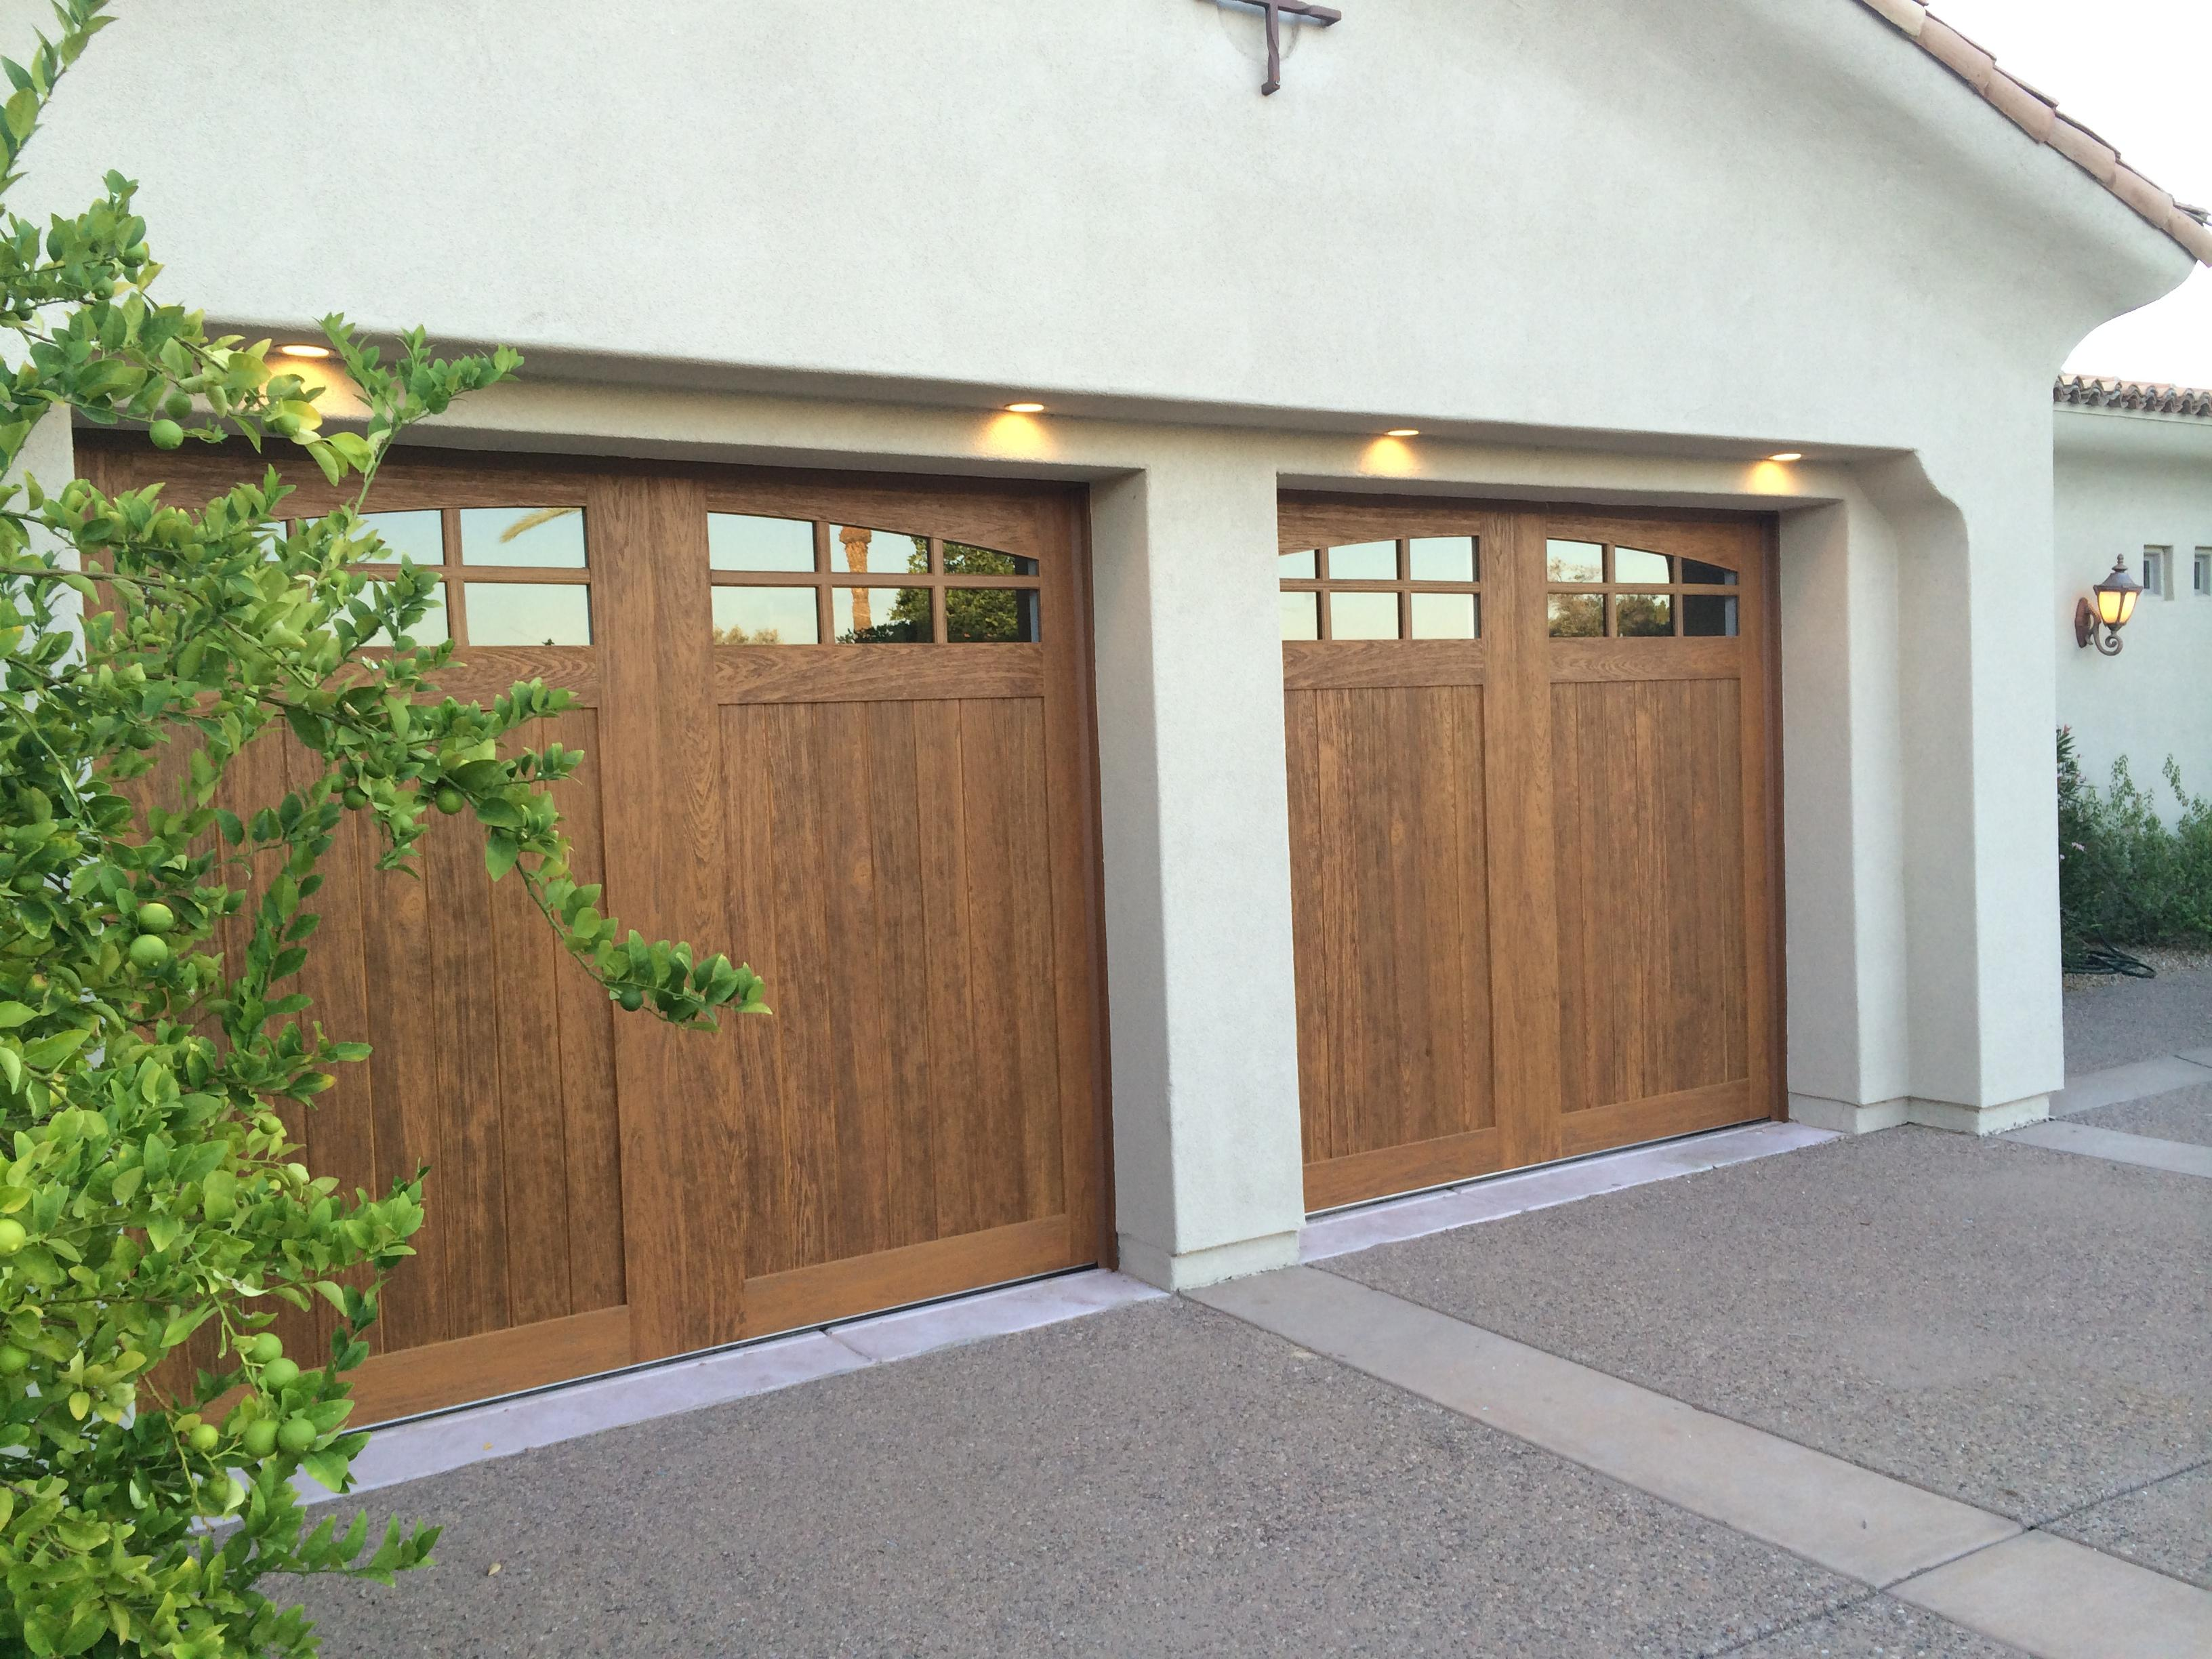 Mastercraft Garage Door  Chamberofcommercem. Front Door Arbor. Door To Door Movers. Roman Shades For Doors. French Door Storm Doors. Aluminum Screen Door. Entrance Door Locks. Smartphone Door Lock. Making Barn Doors